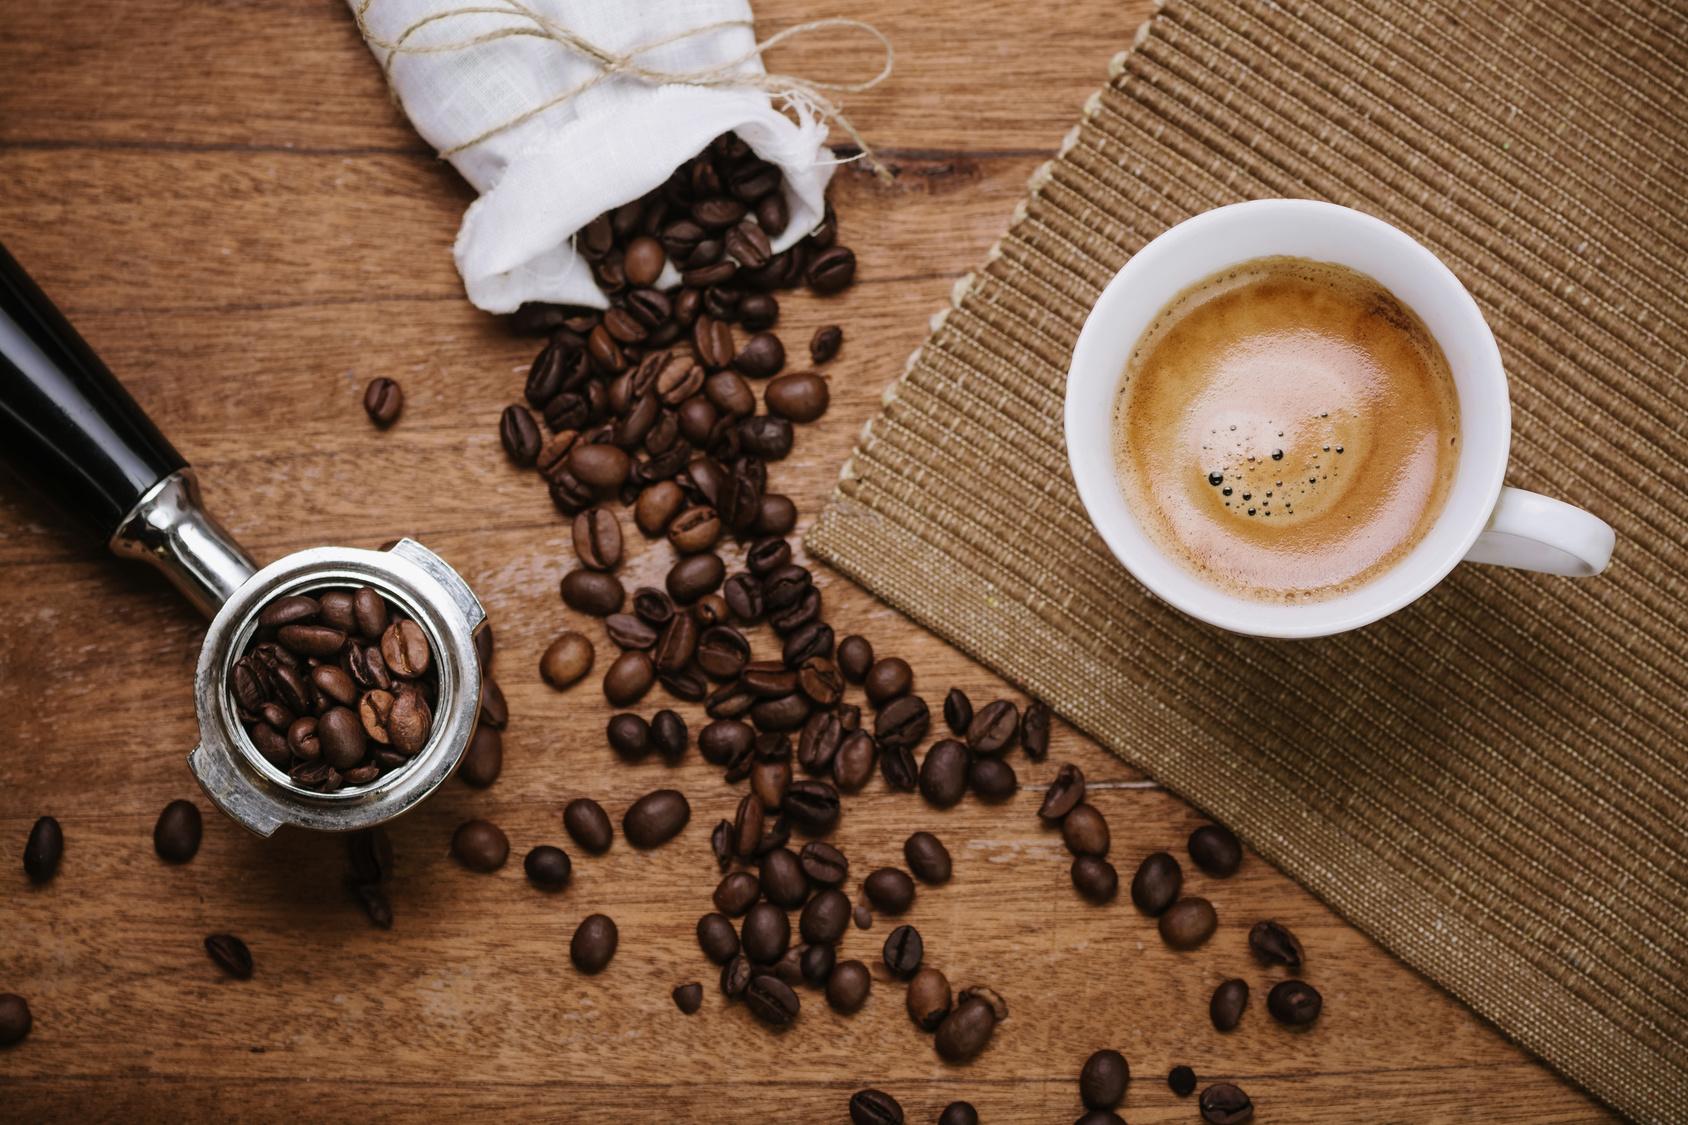 Latte Cafen Talon kahvit kahdelle vain 3€ (arvo 6€)